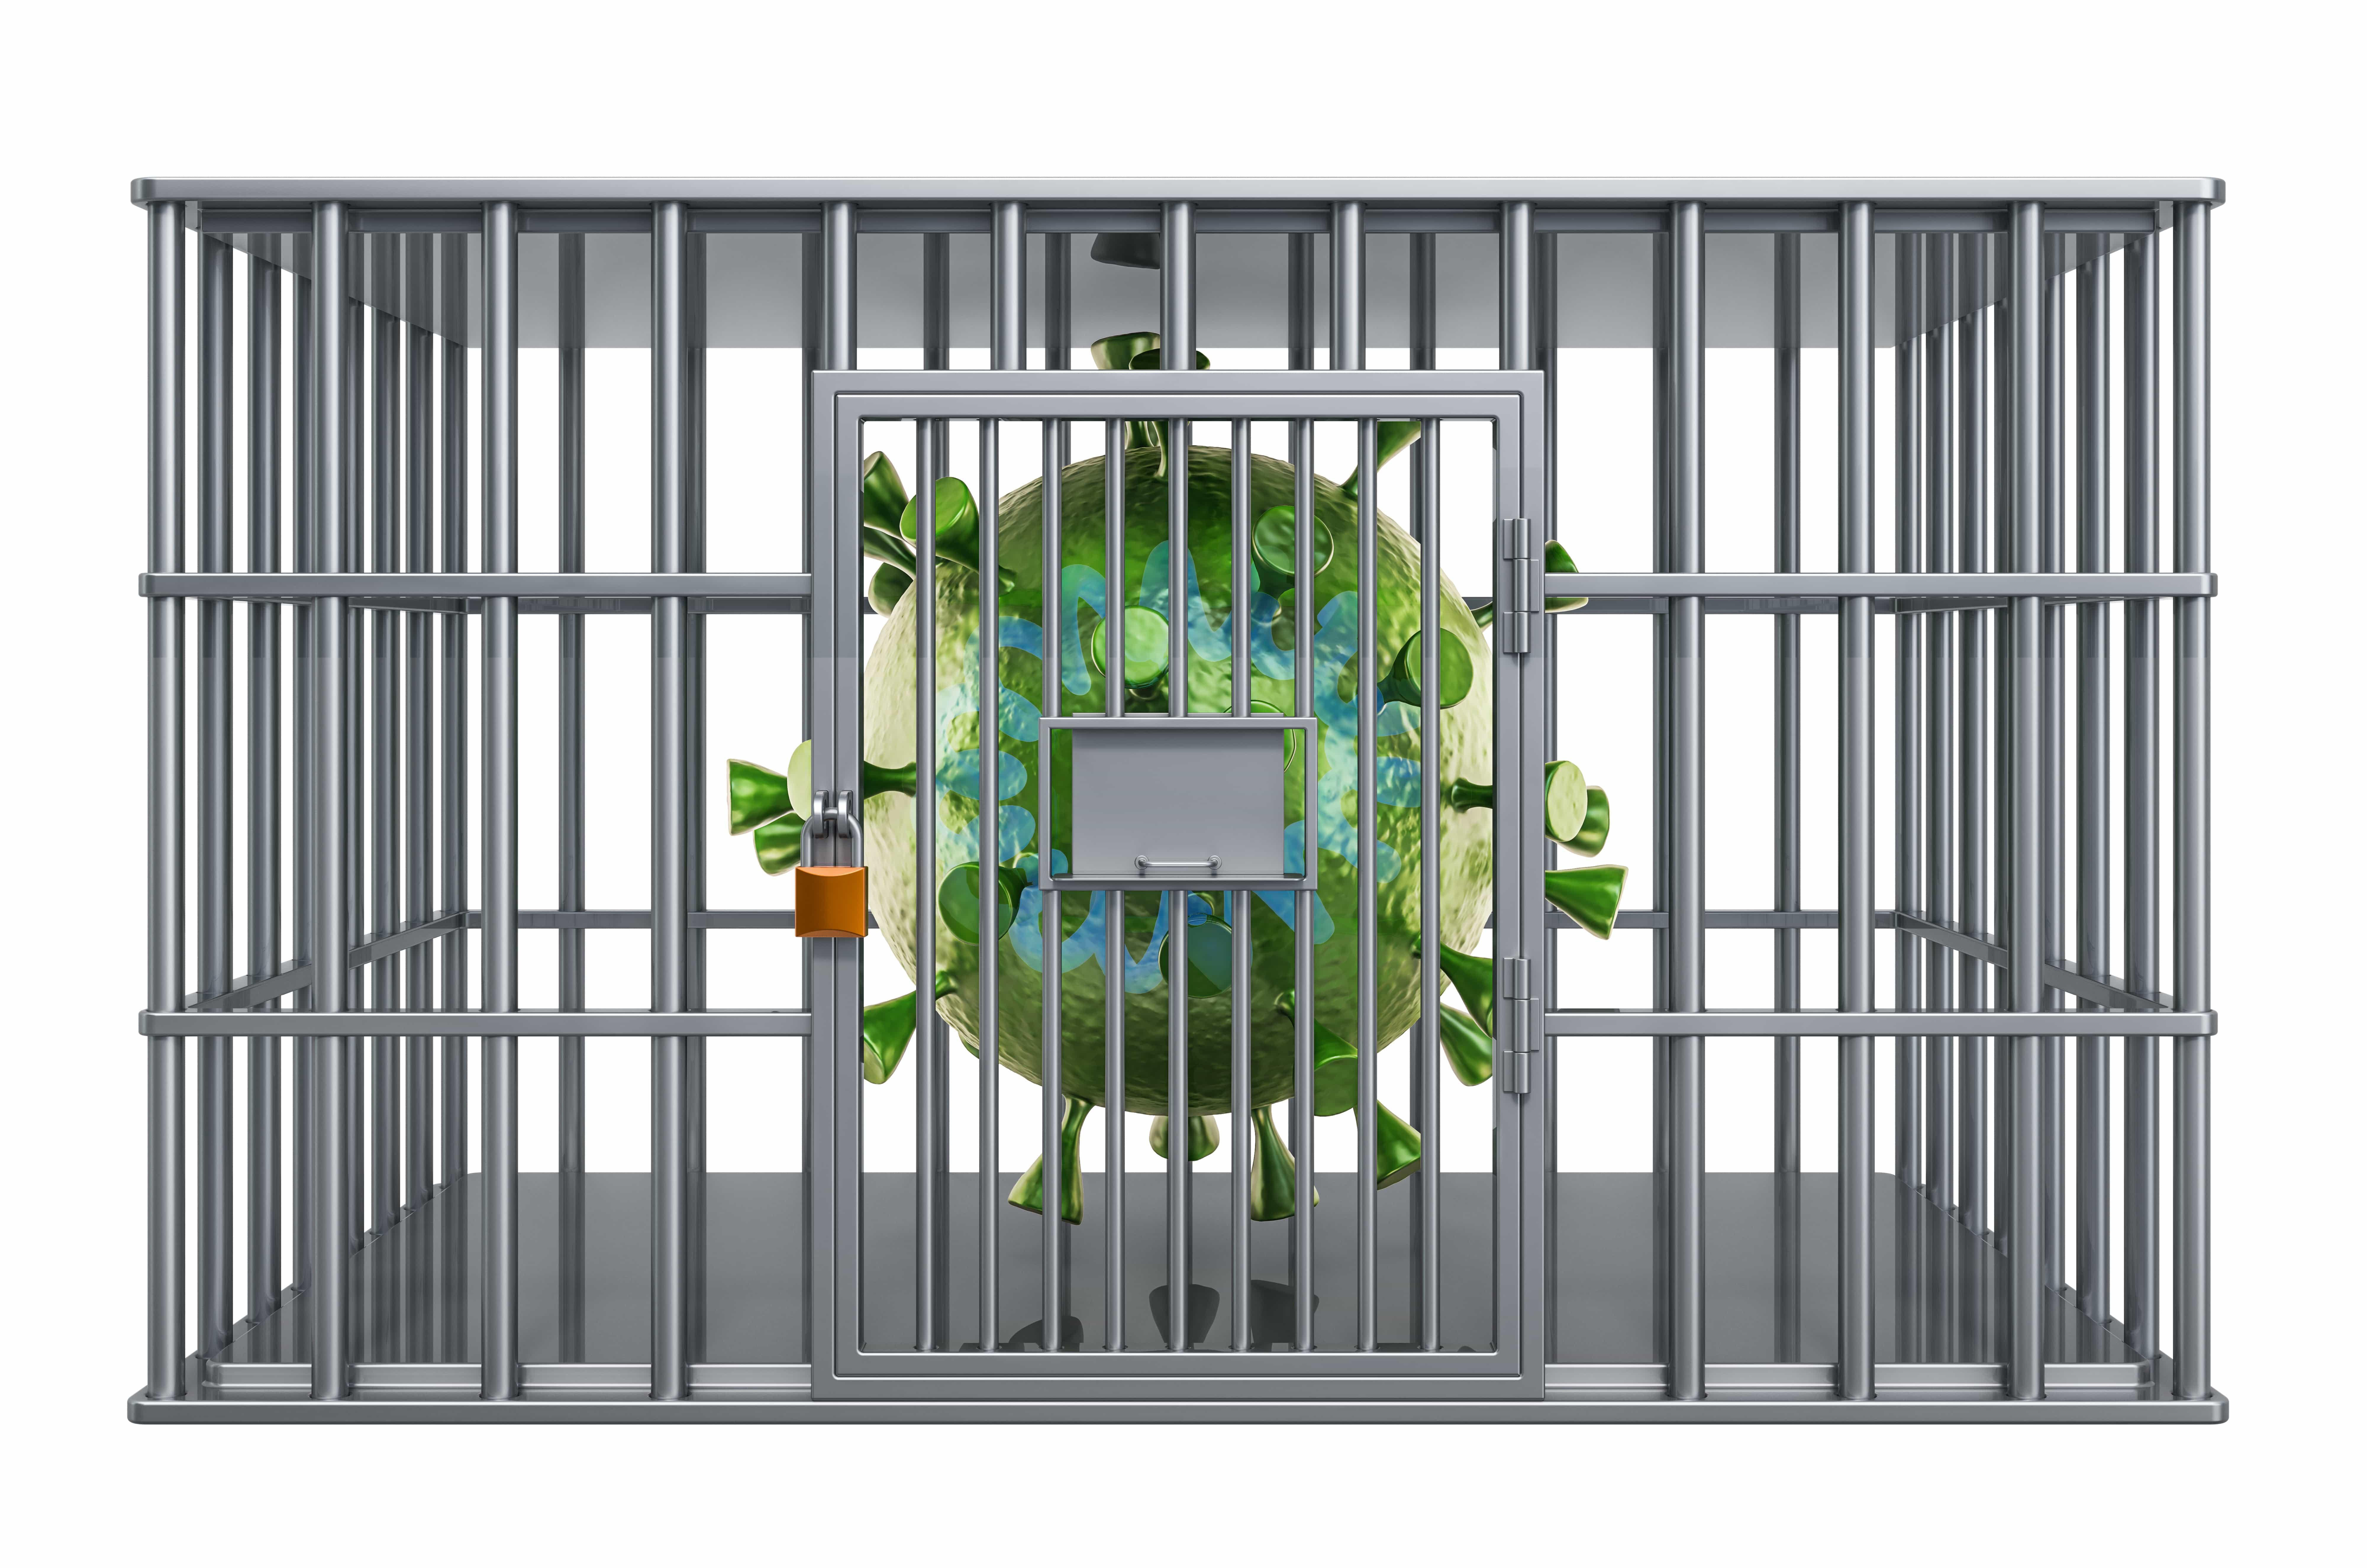 Coronavirus inside jail cell, quarantine concept. 3D rendering